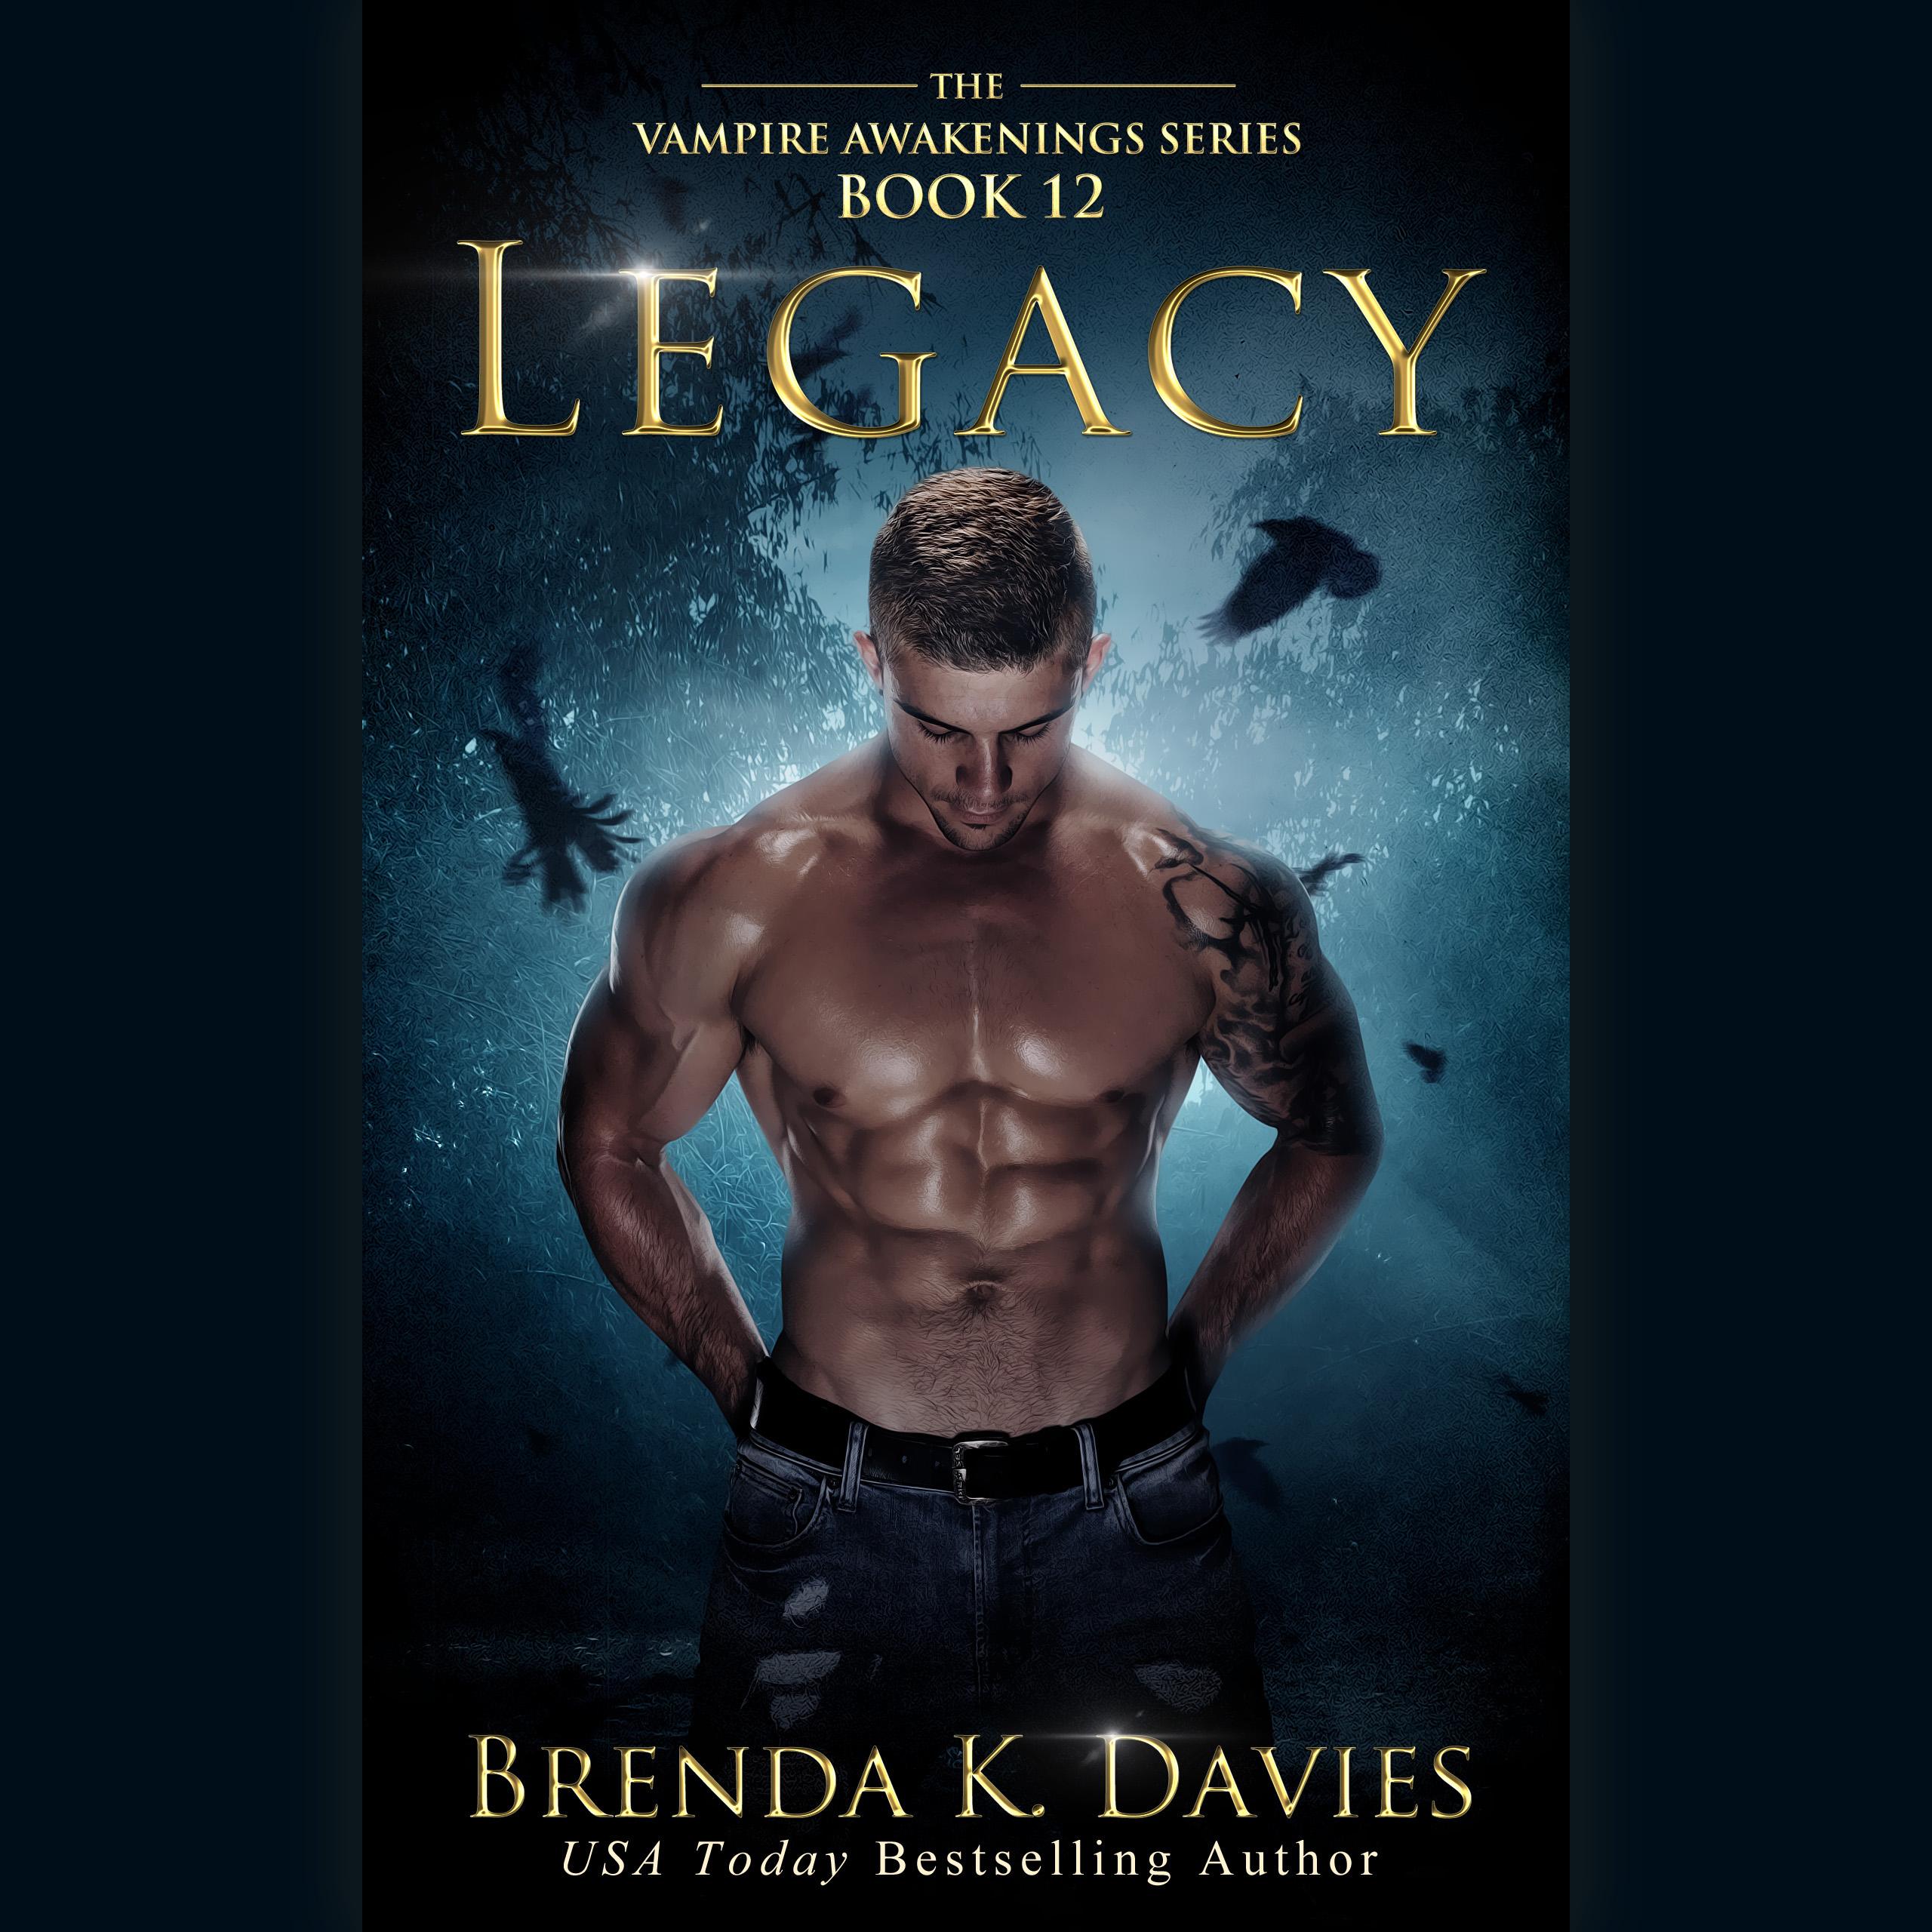 Brenda K Davies